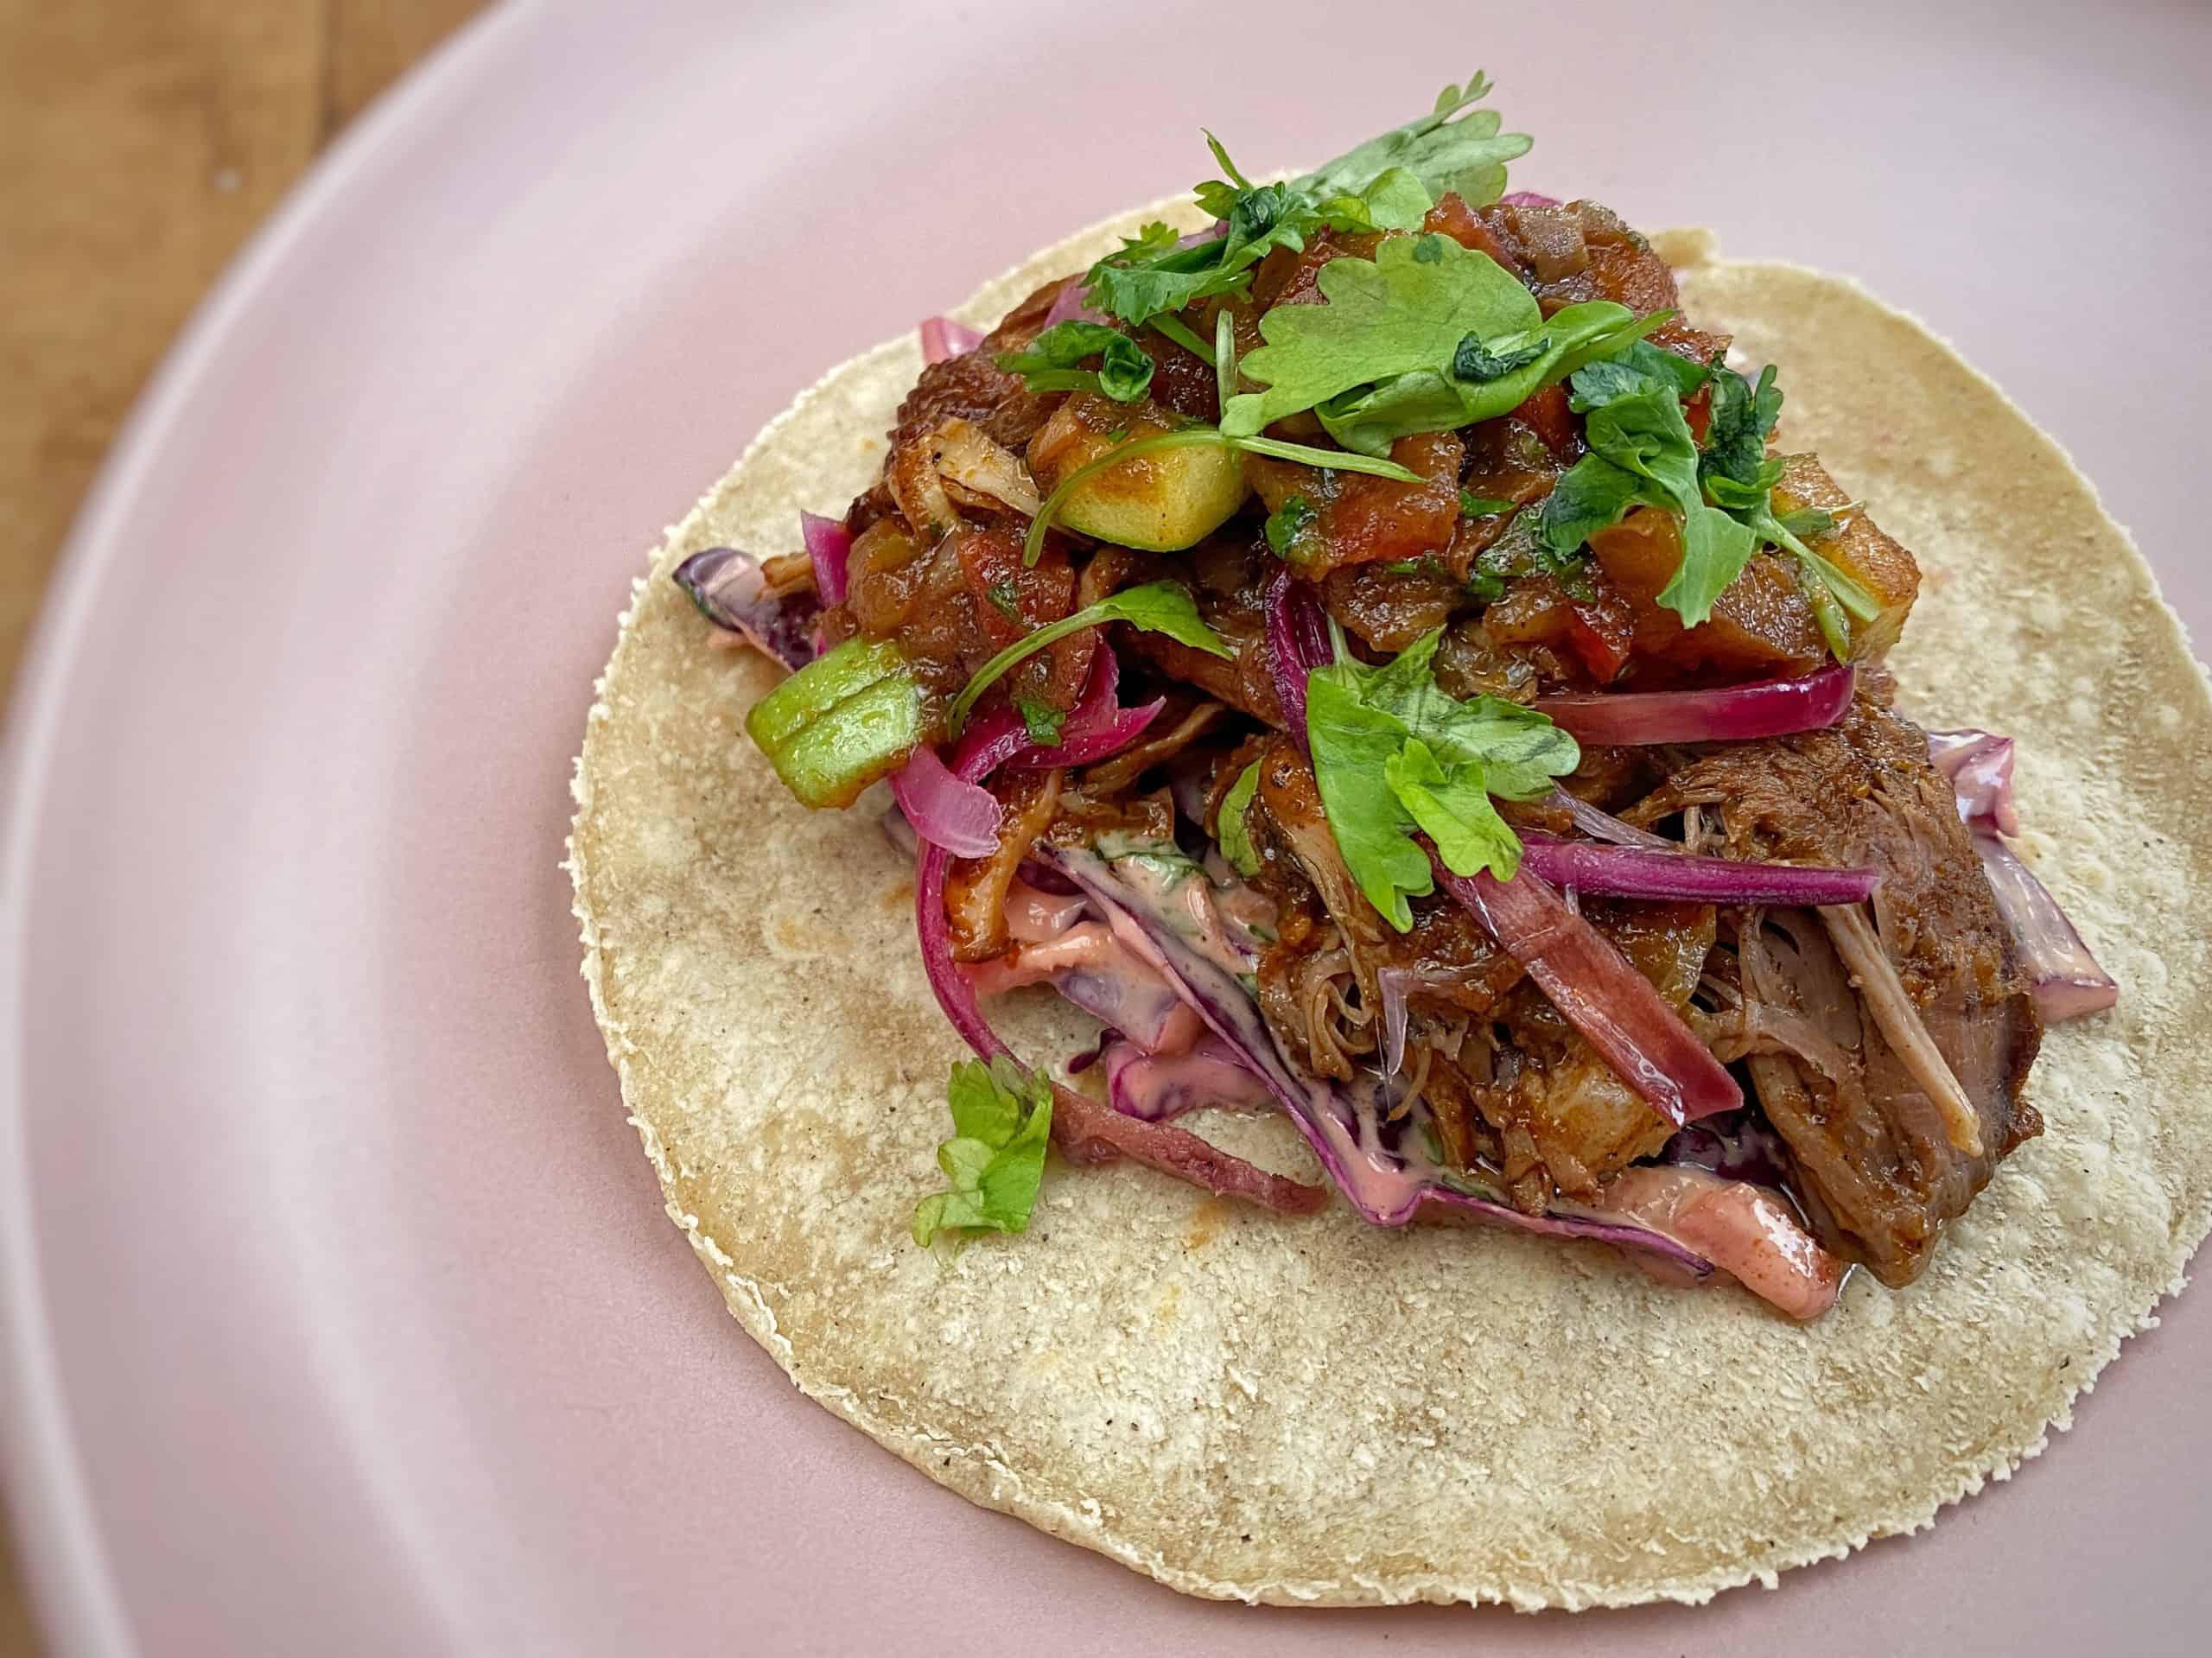 Pork tacos with brown sauce salsa